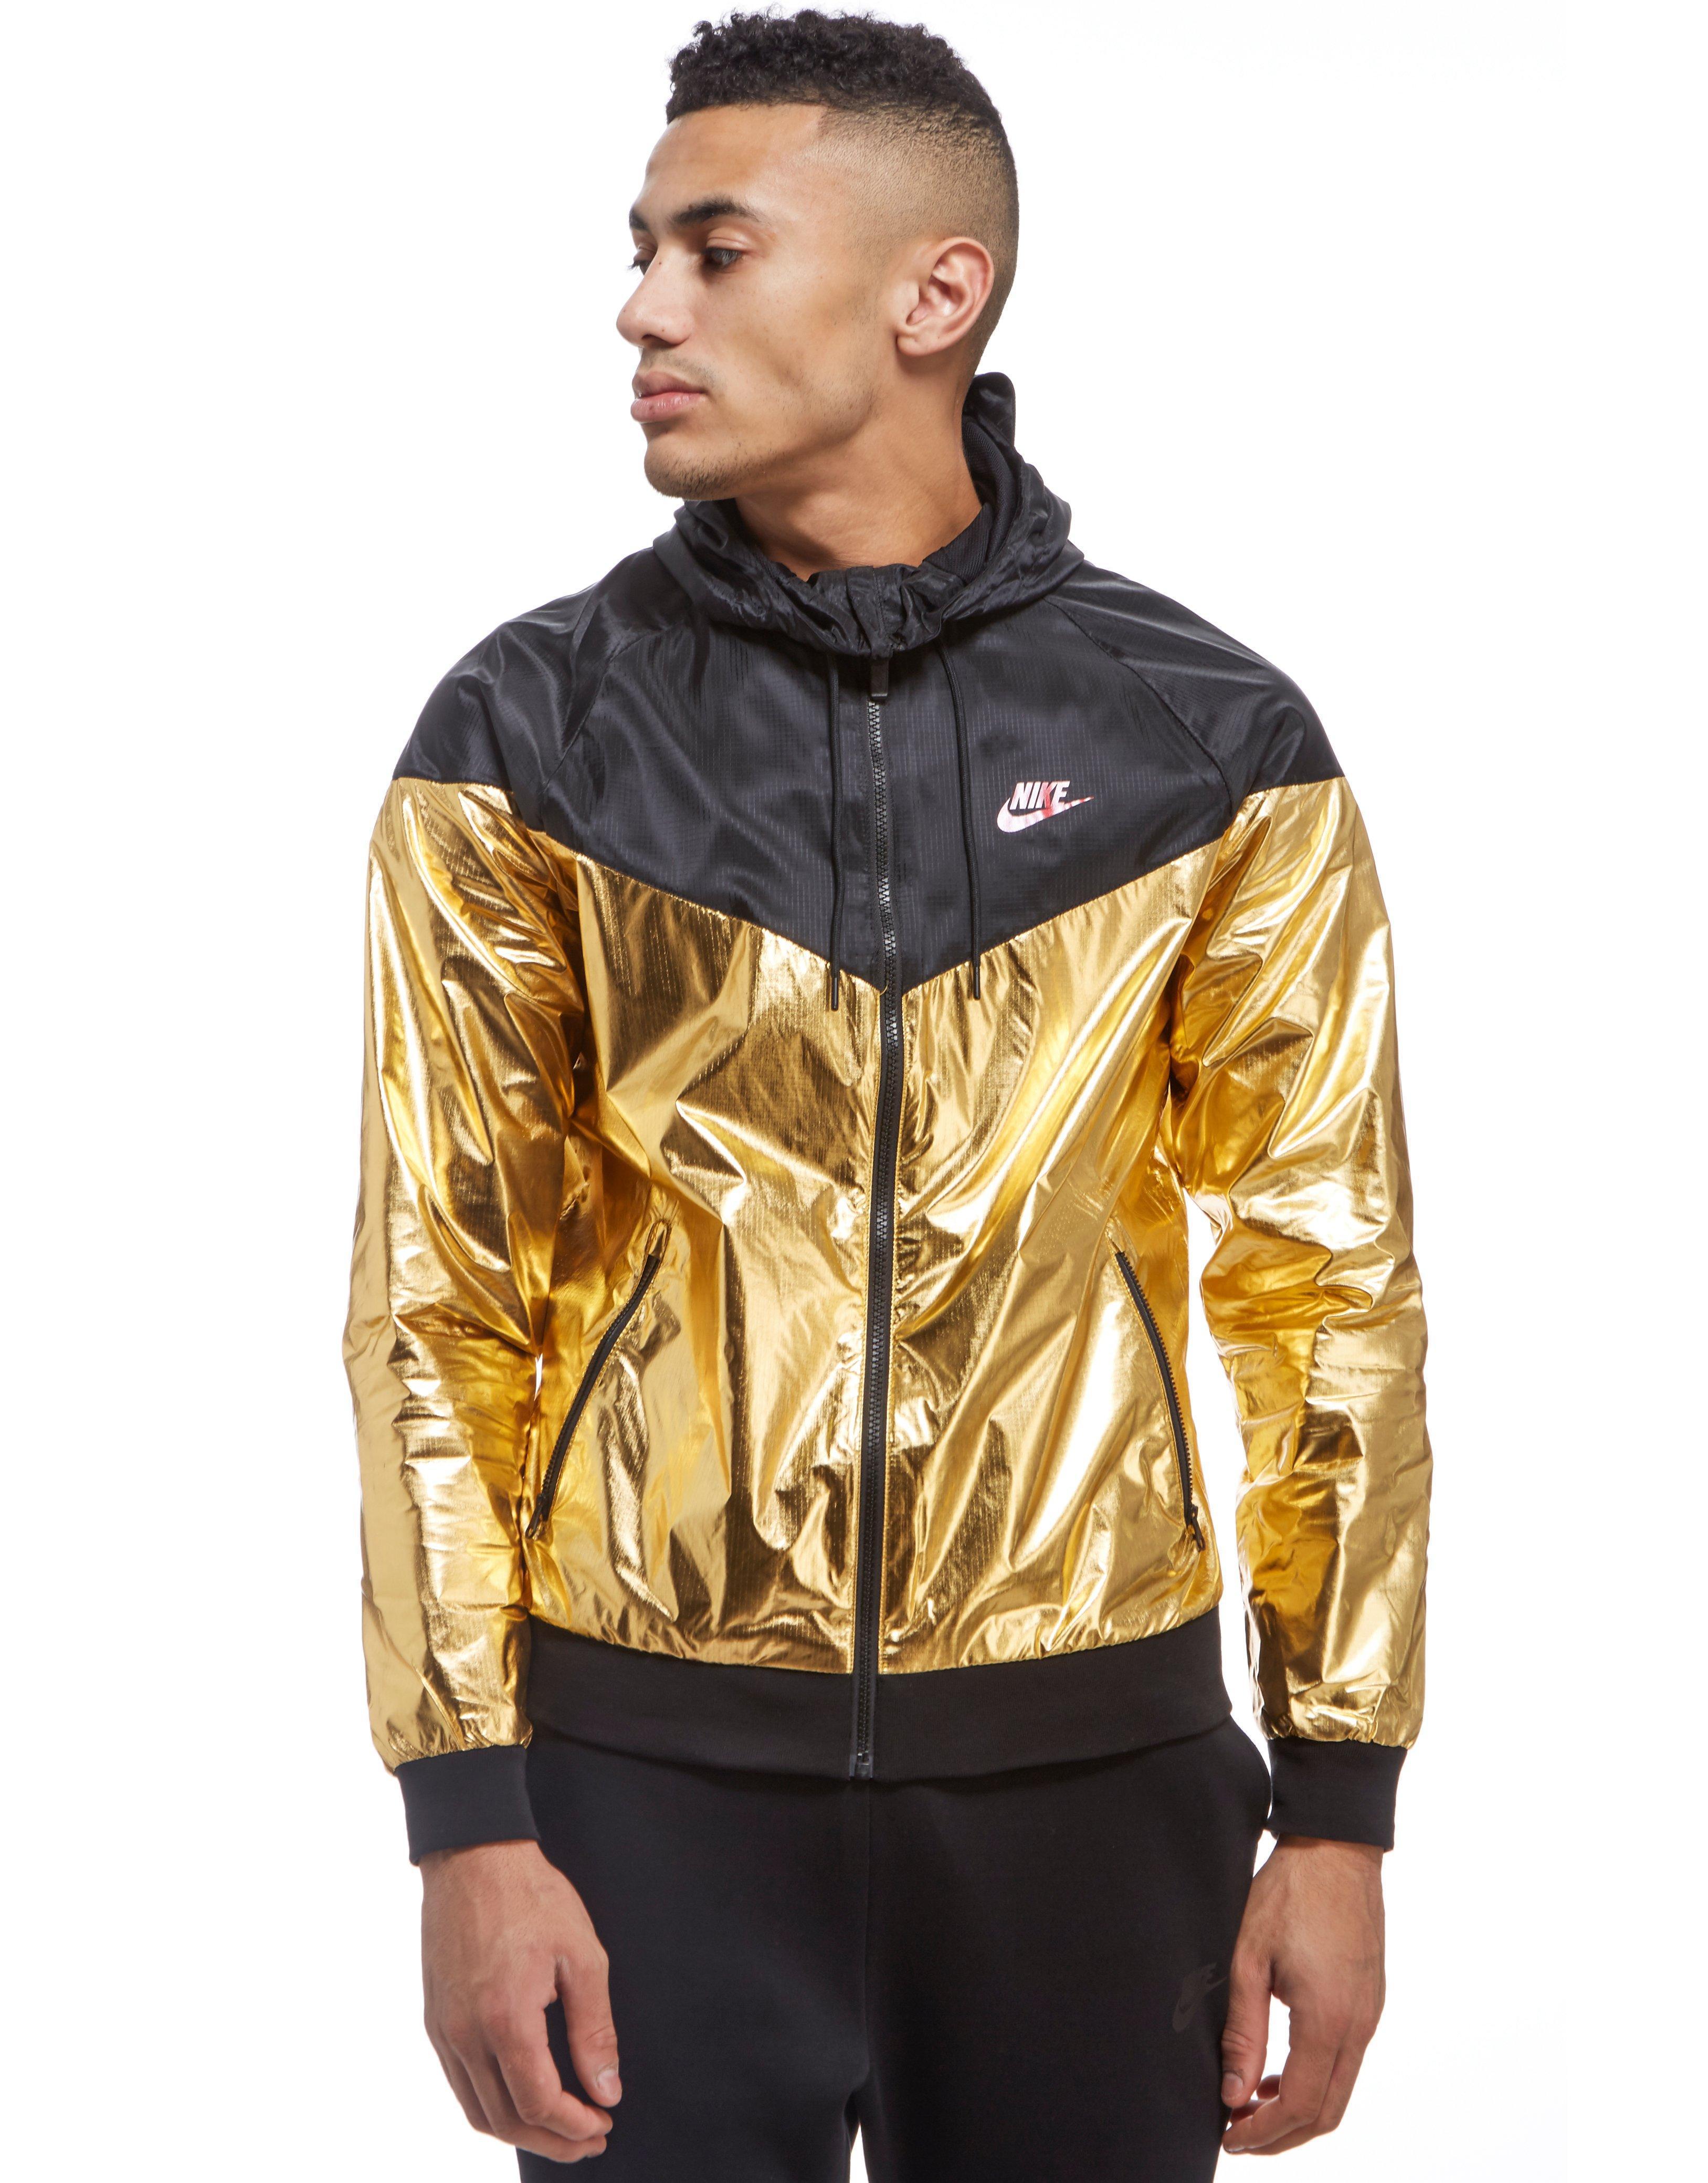 Lyst - Nike Windrunner Foil Jacket in Metallic for Men 875e9caf9